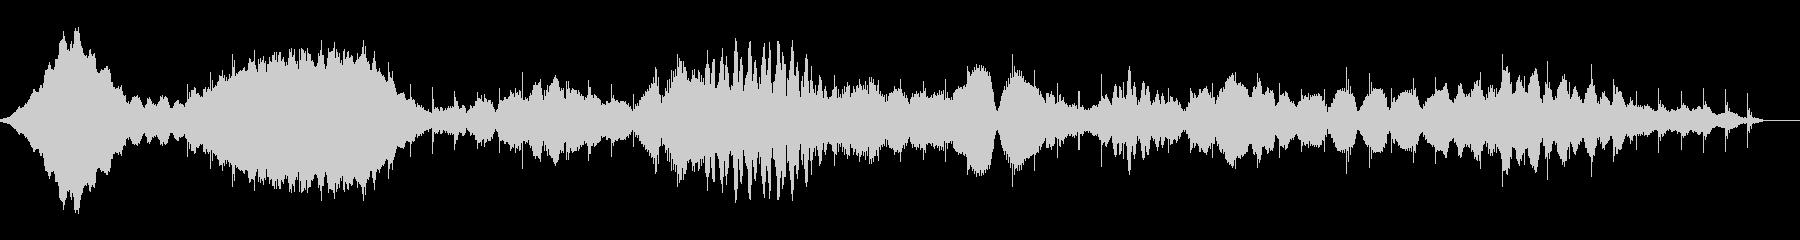 桃源郷のミニマルアンビエントの未再生の波形